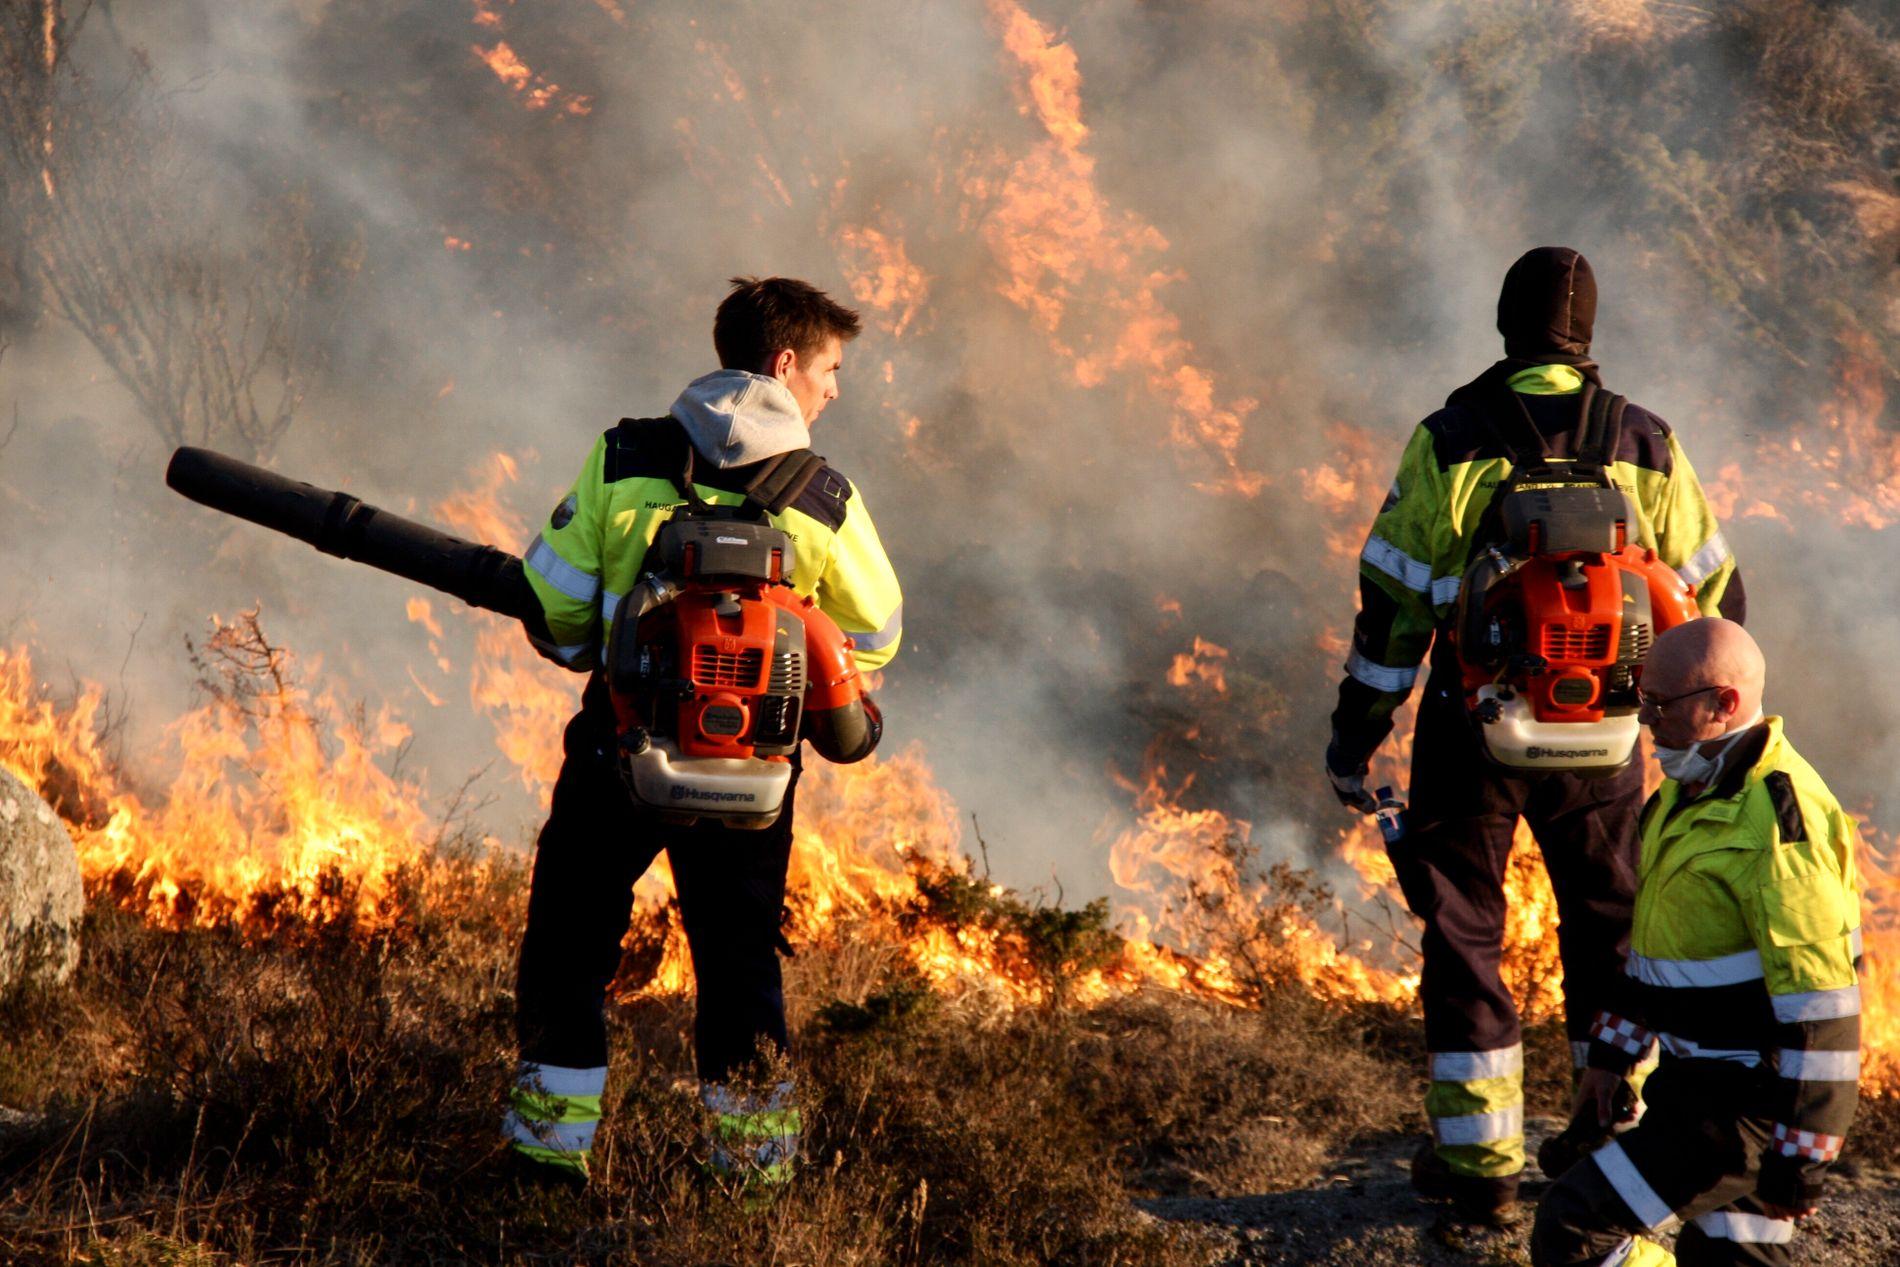 SVÆRT TØRT: Det brøt ut gressbrann i Tysvær i Rogaland lørdag. Brannen holdt det gående gjennom natten og ble slukket på formiddagen søndag.